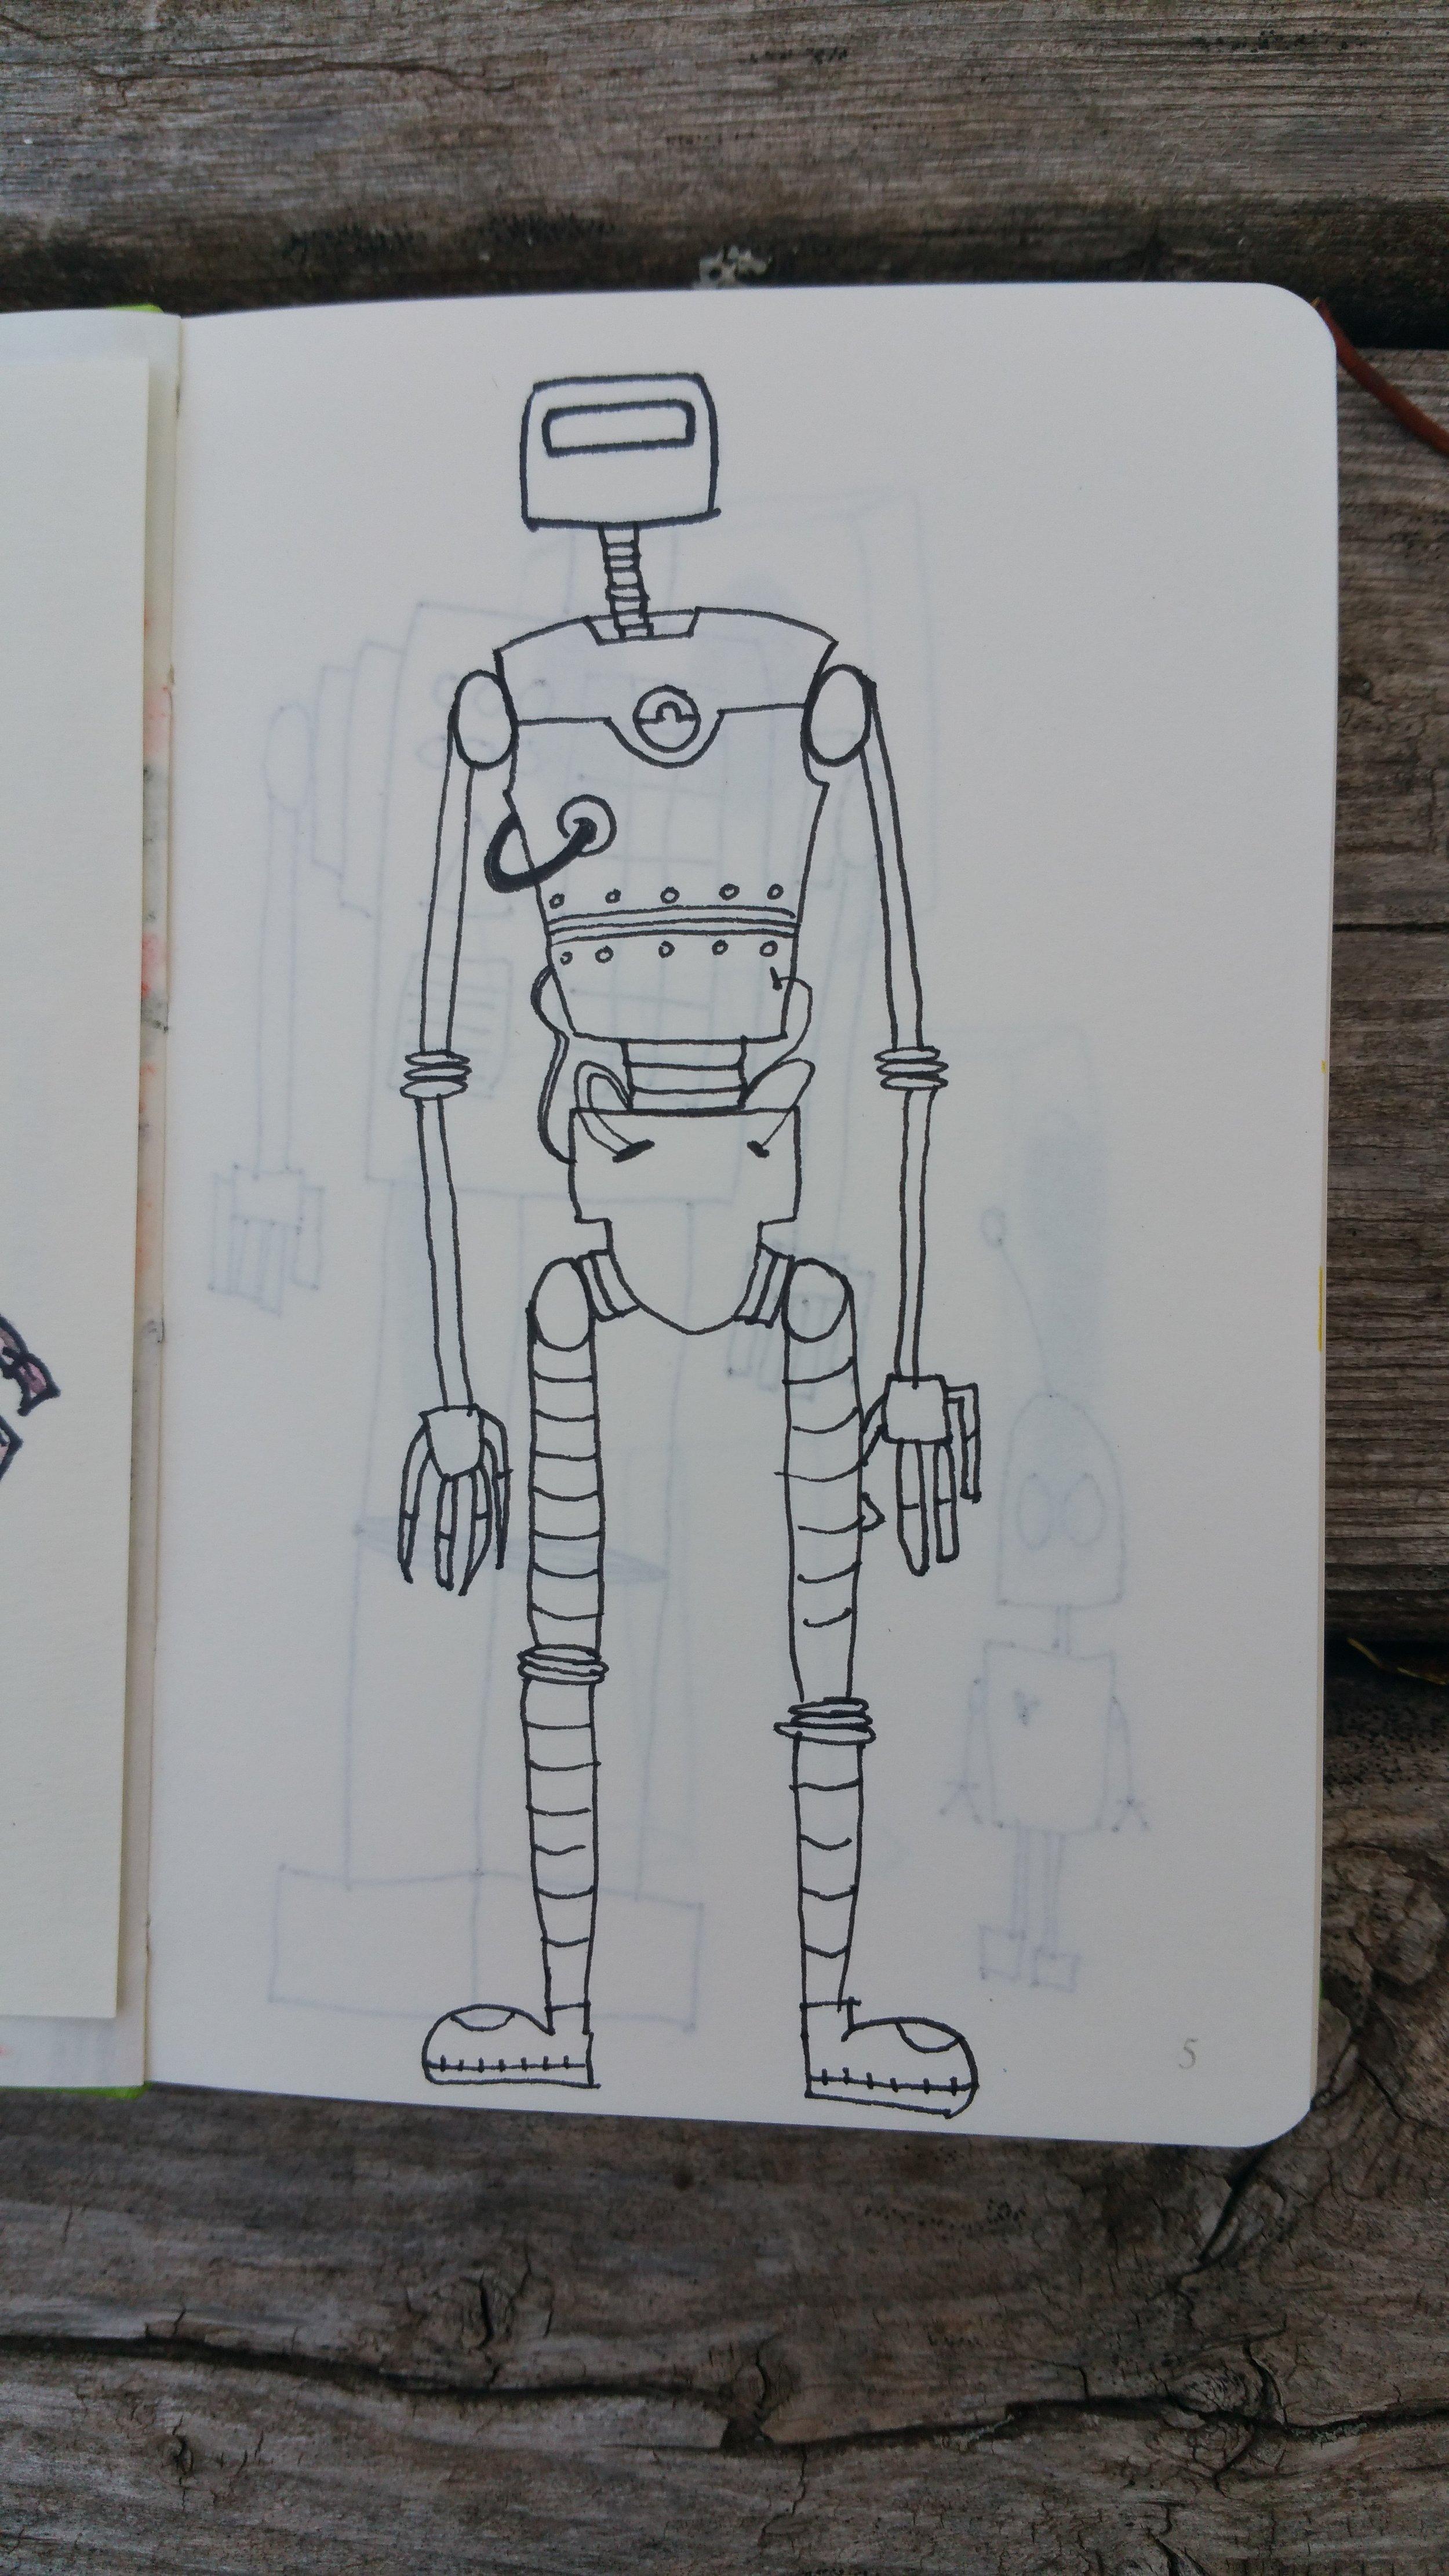 Sept 22, 2017 robot #15/365